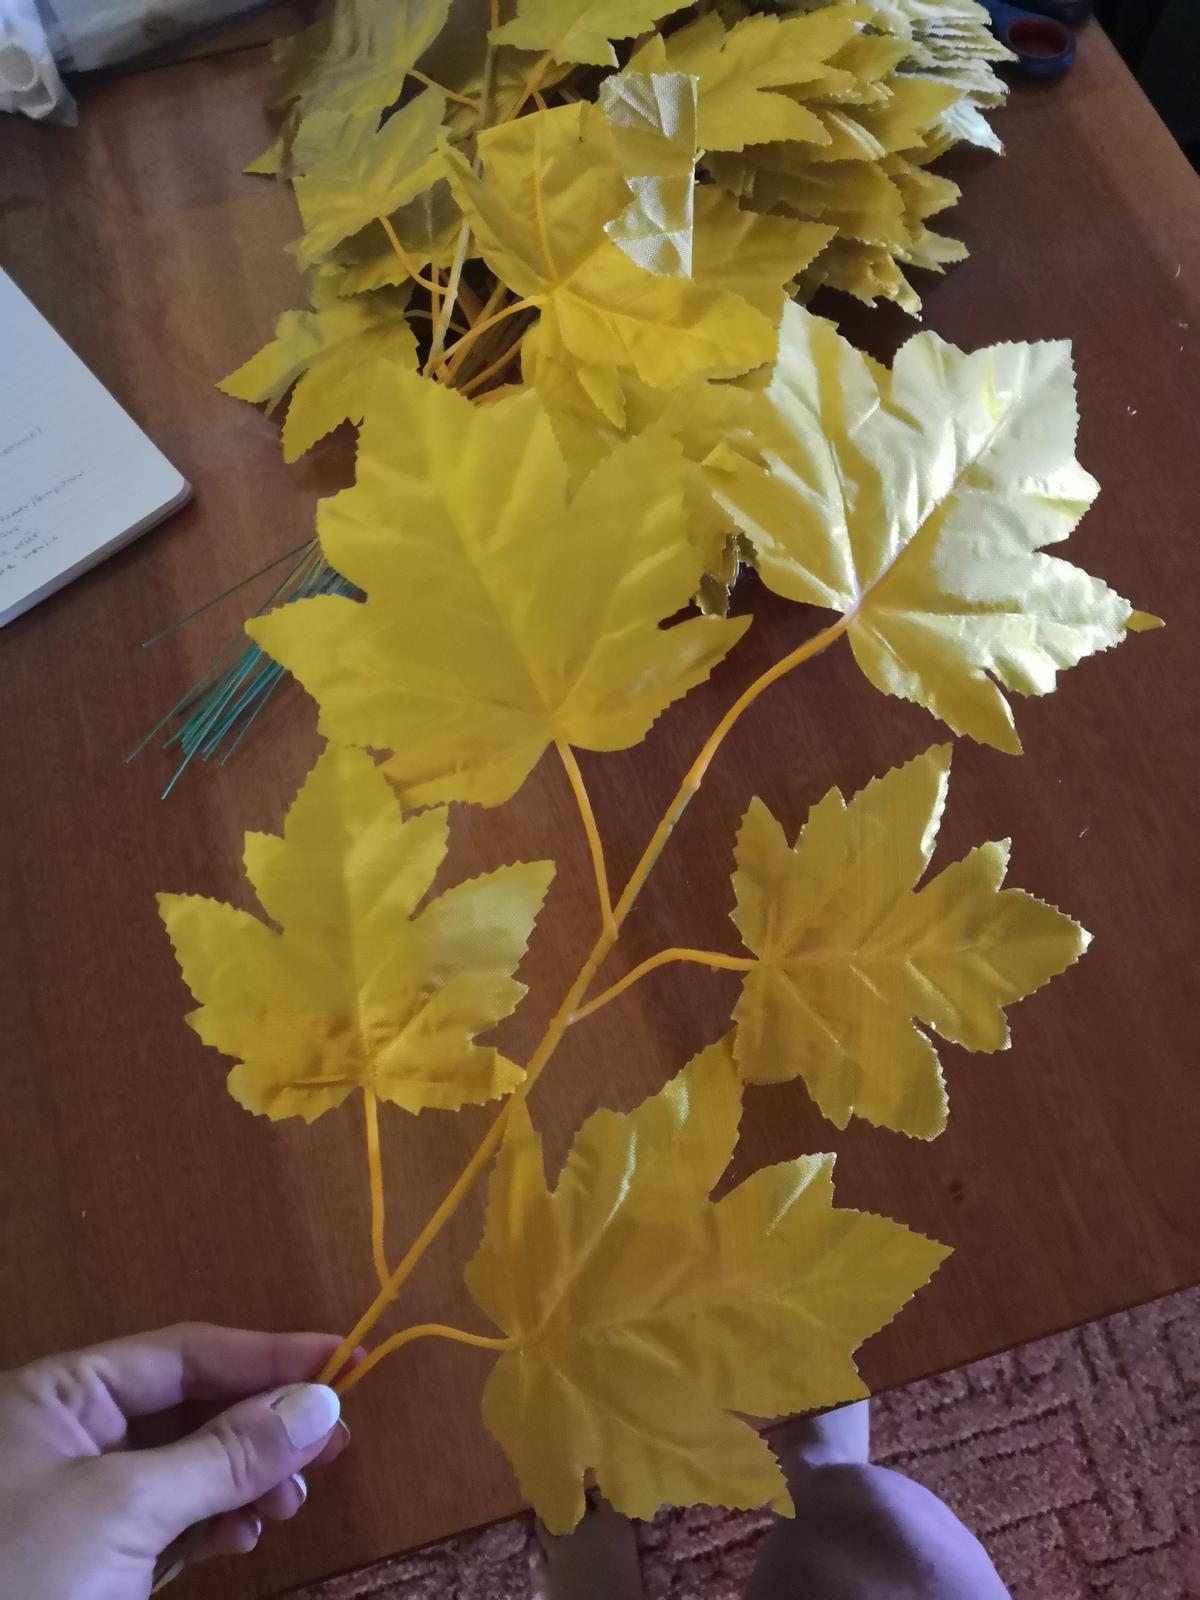 Kvet zlatý (vínna réva) - Obrázok č. 2